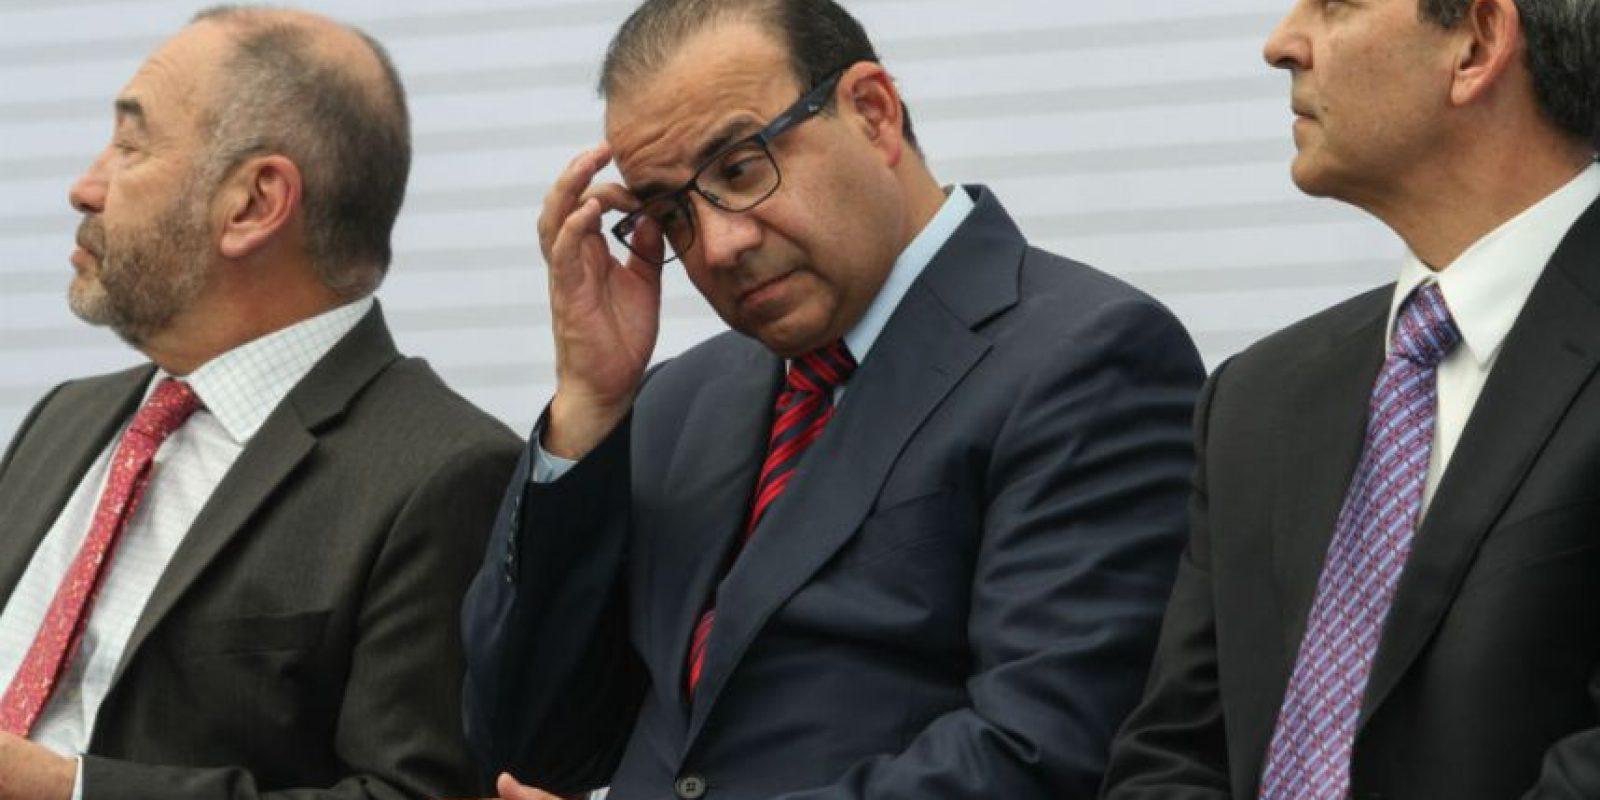 El titular de la Secretaría del Trabajo, Alfonso Navarrete, en el centro, es otros de los posibles sucesores. Foto:Cuartoscuro